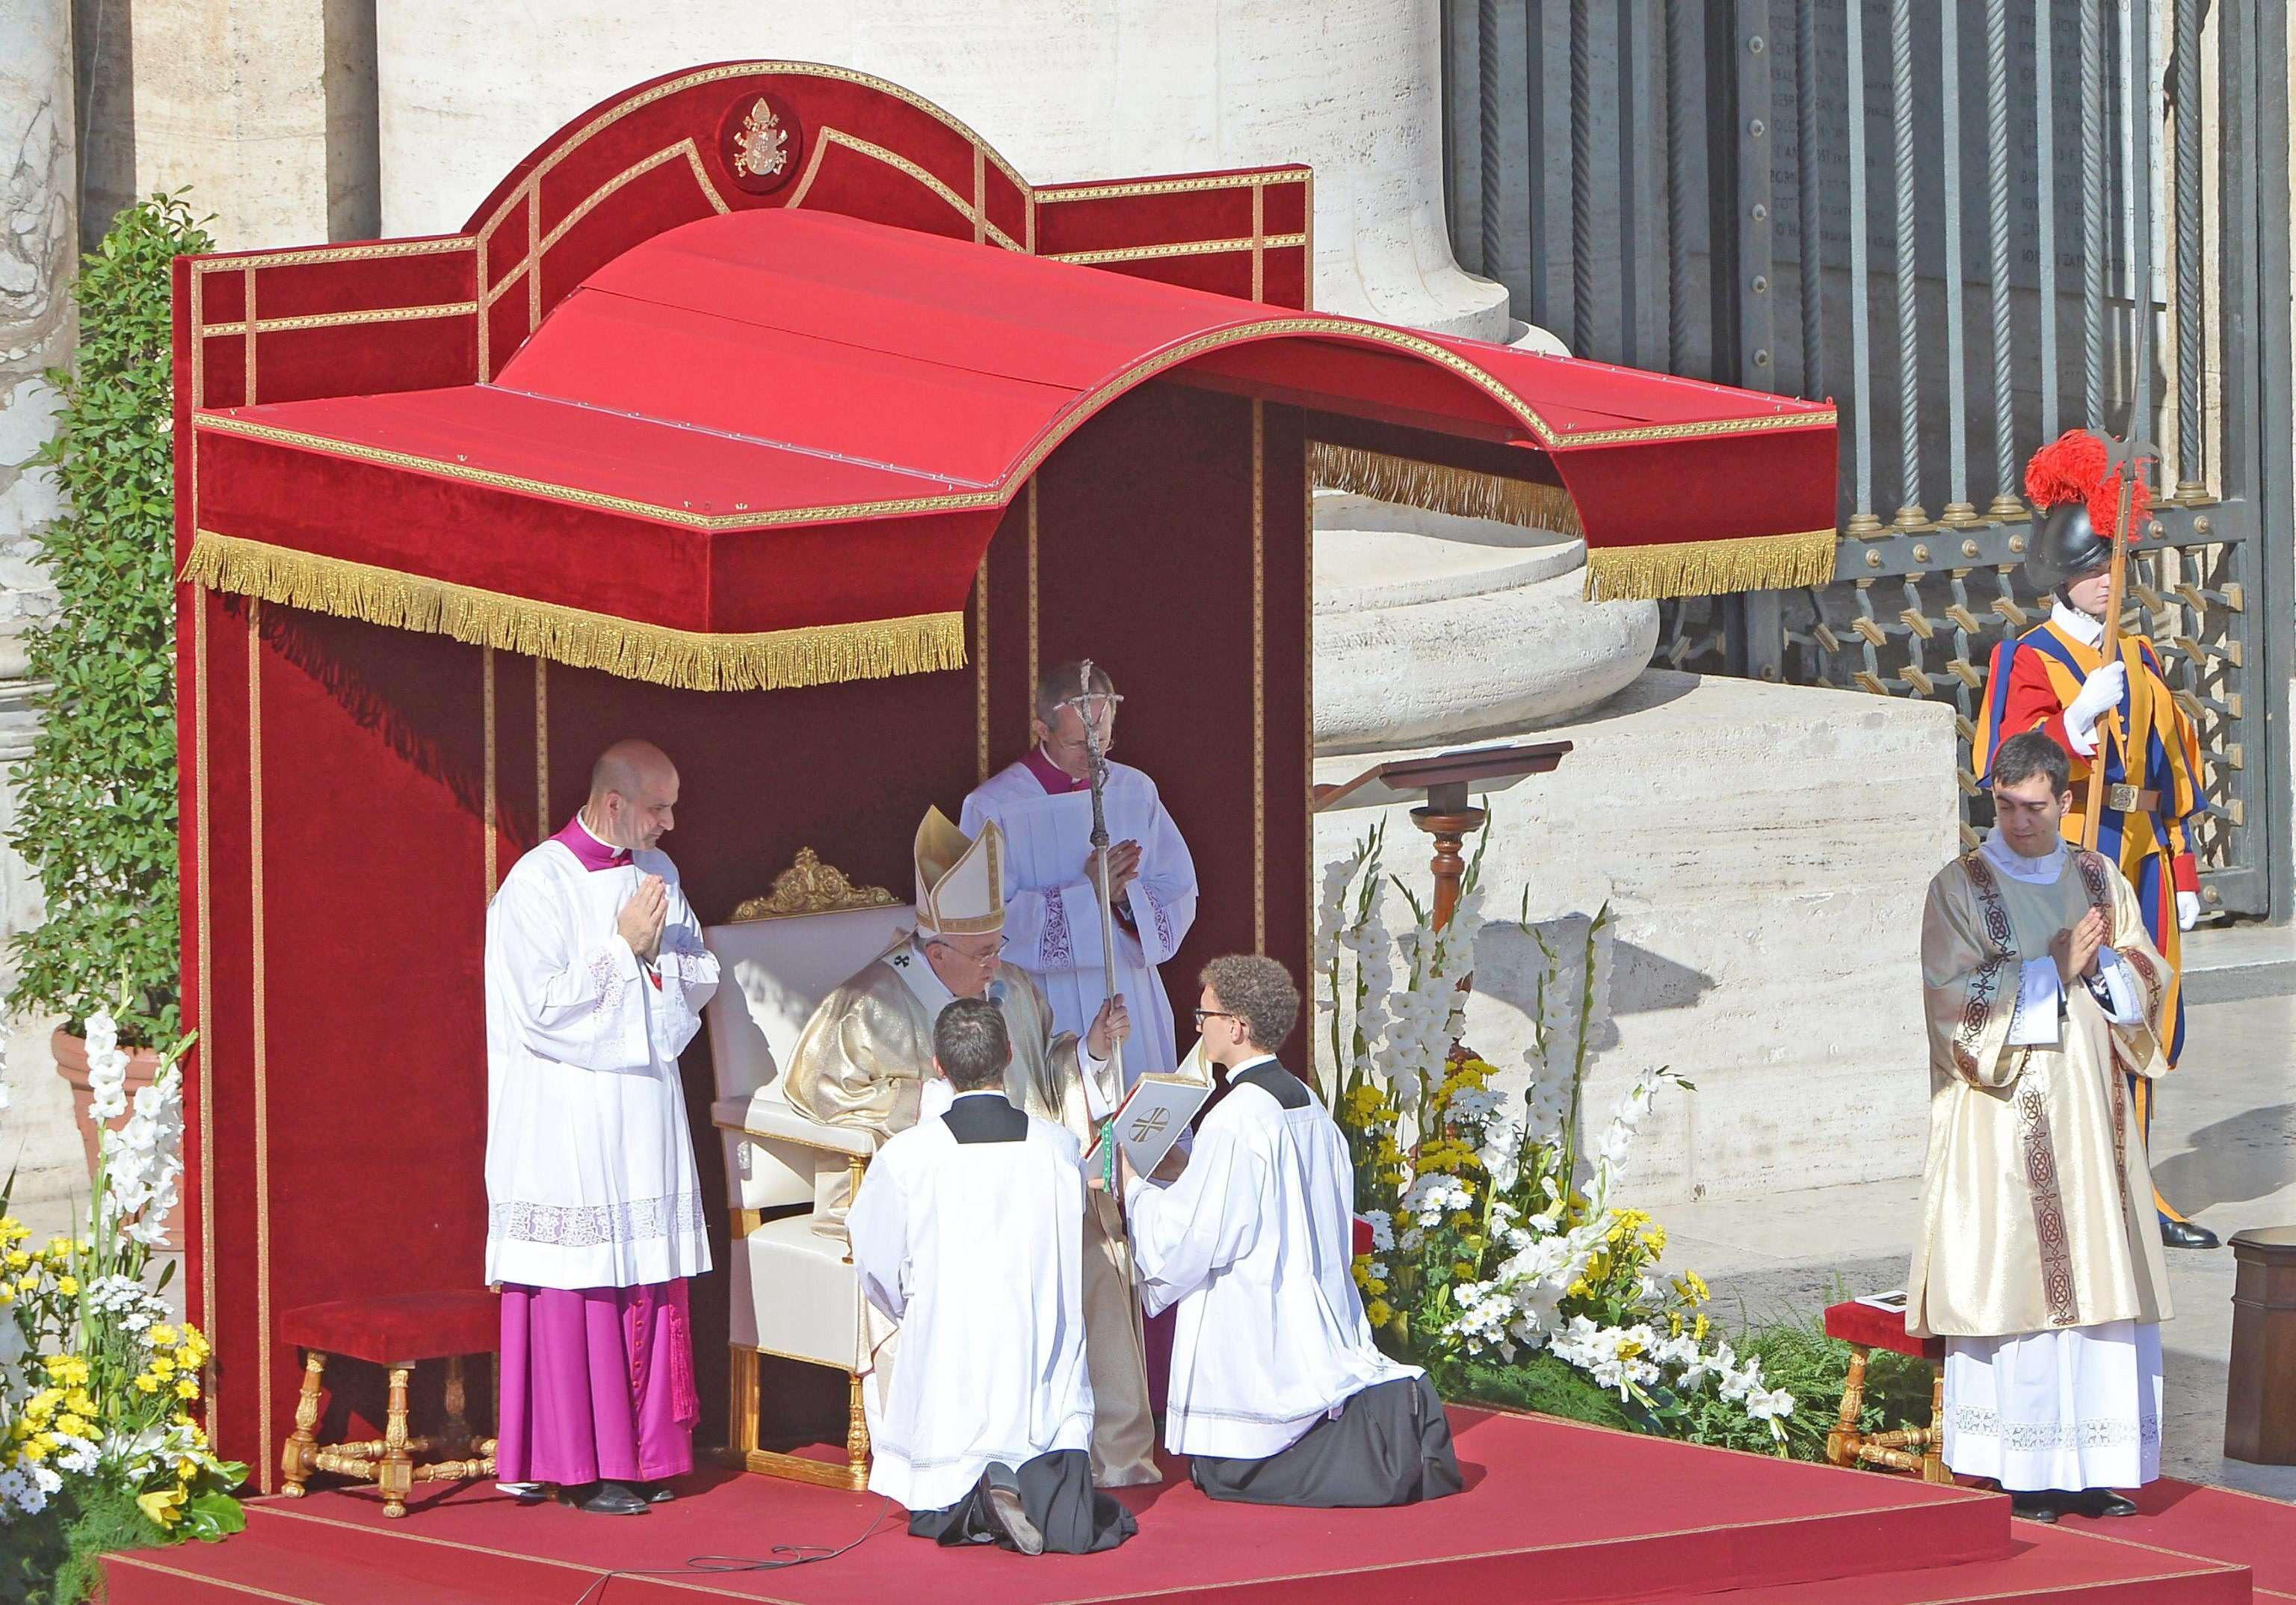 El papa Francisco beatifica a Pablo VI en la Plaza de San Pedro del Vaticano. Foto: EFE en español